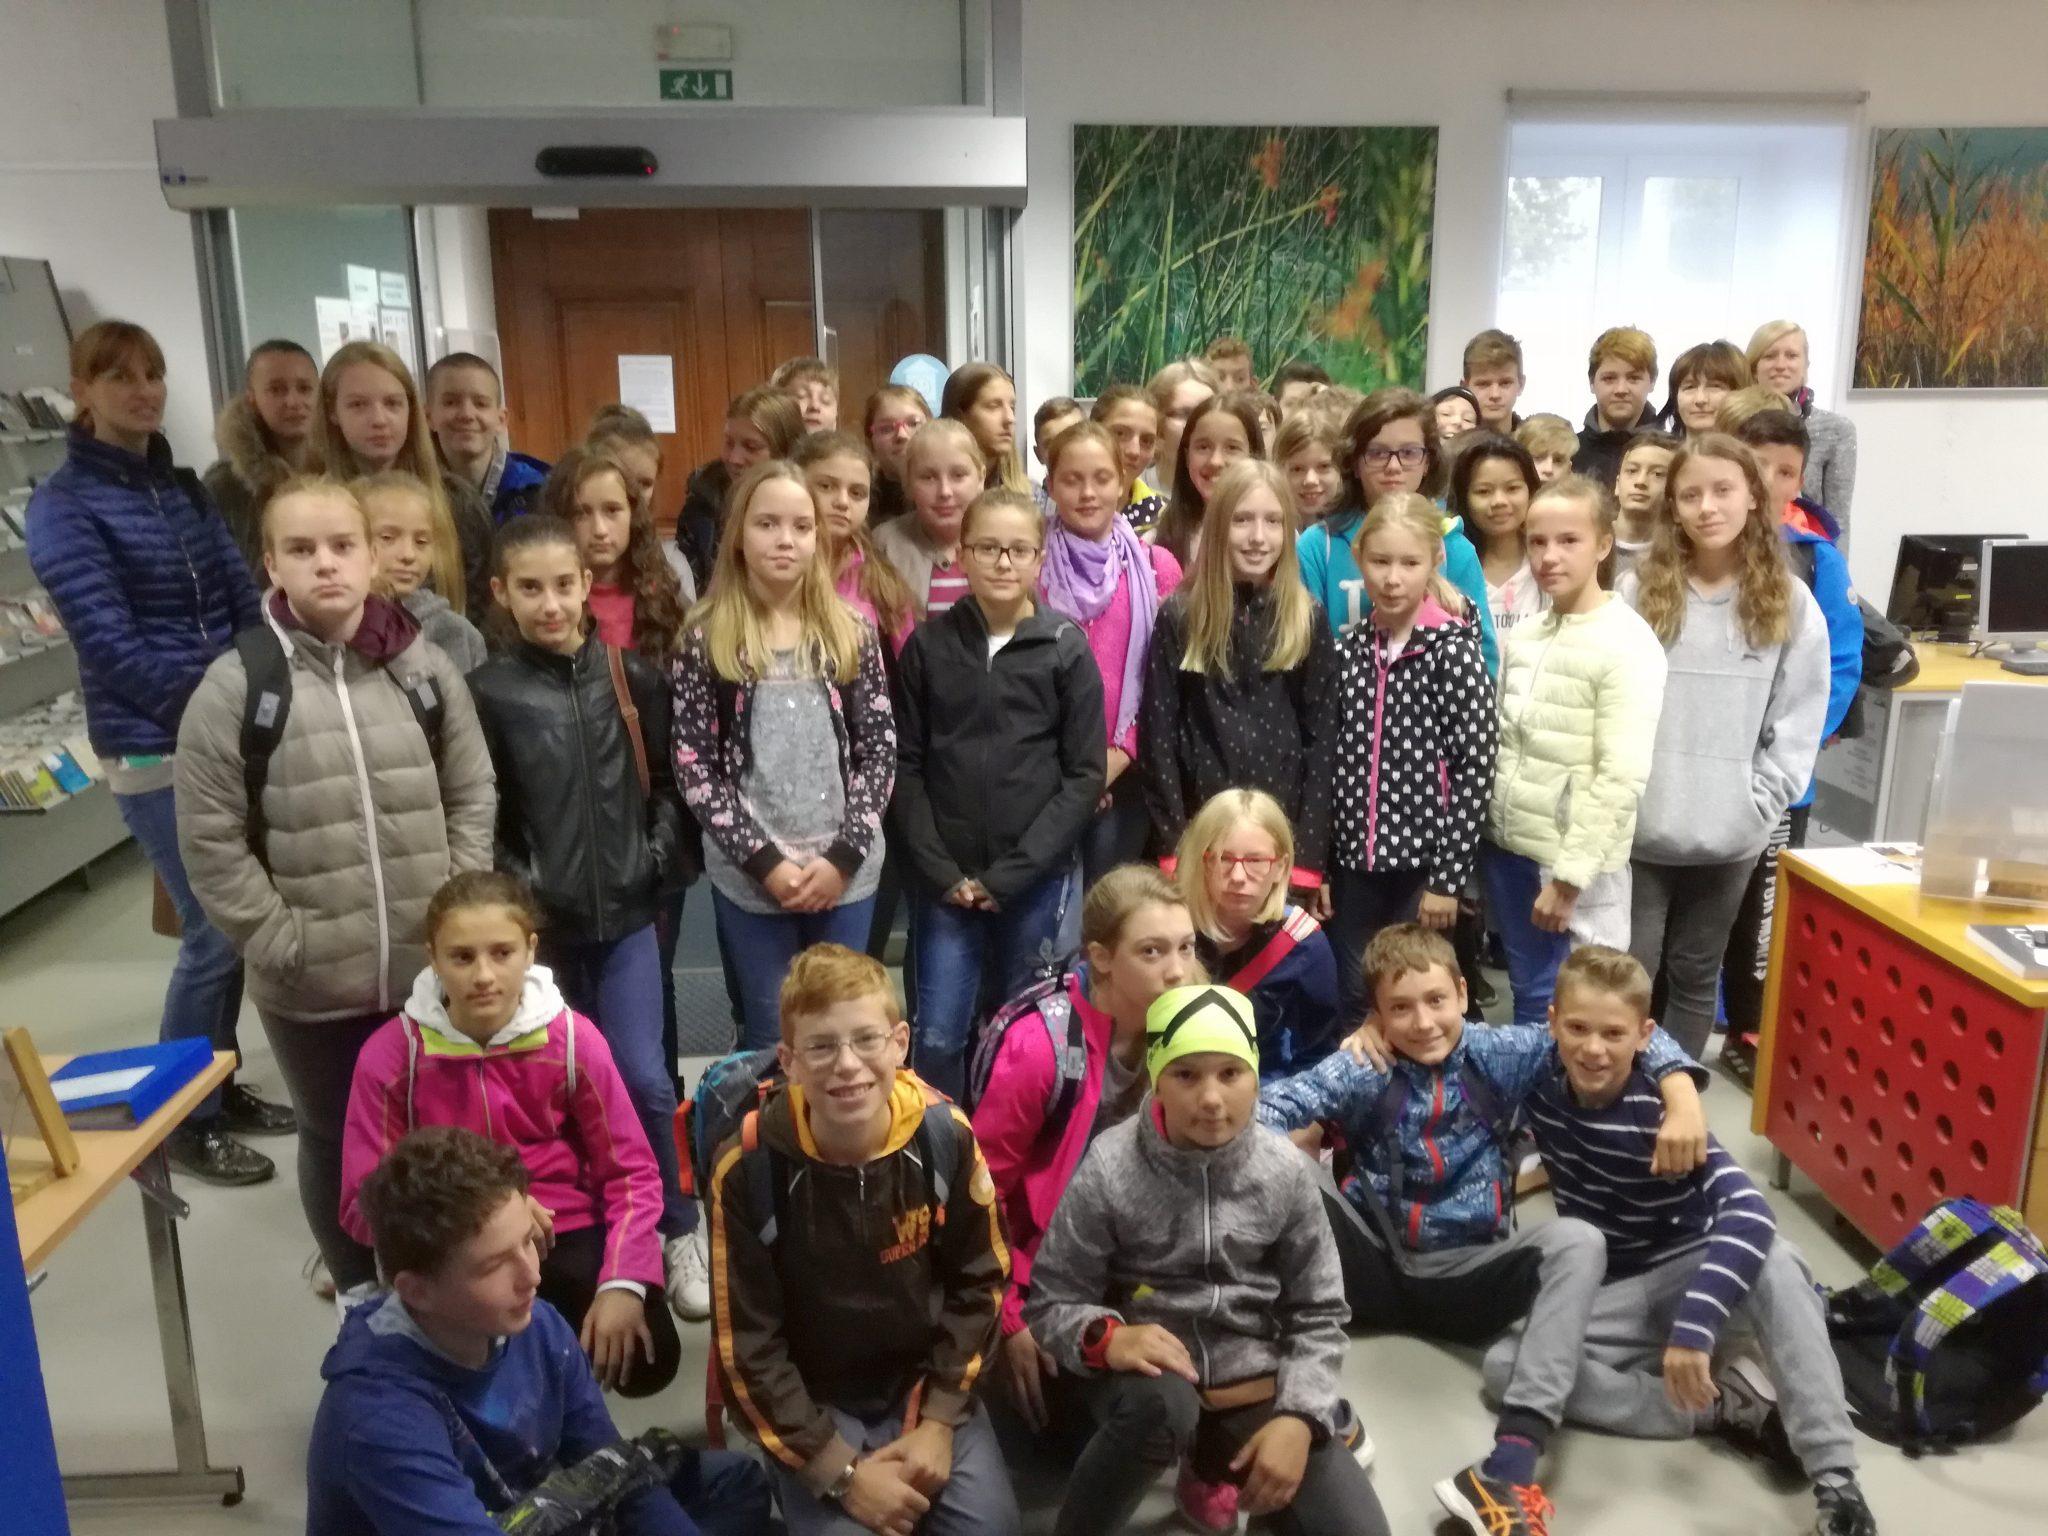 IMG 20181002 081458 - Obisk sedmošolcev iz Starega trga